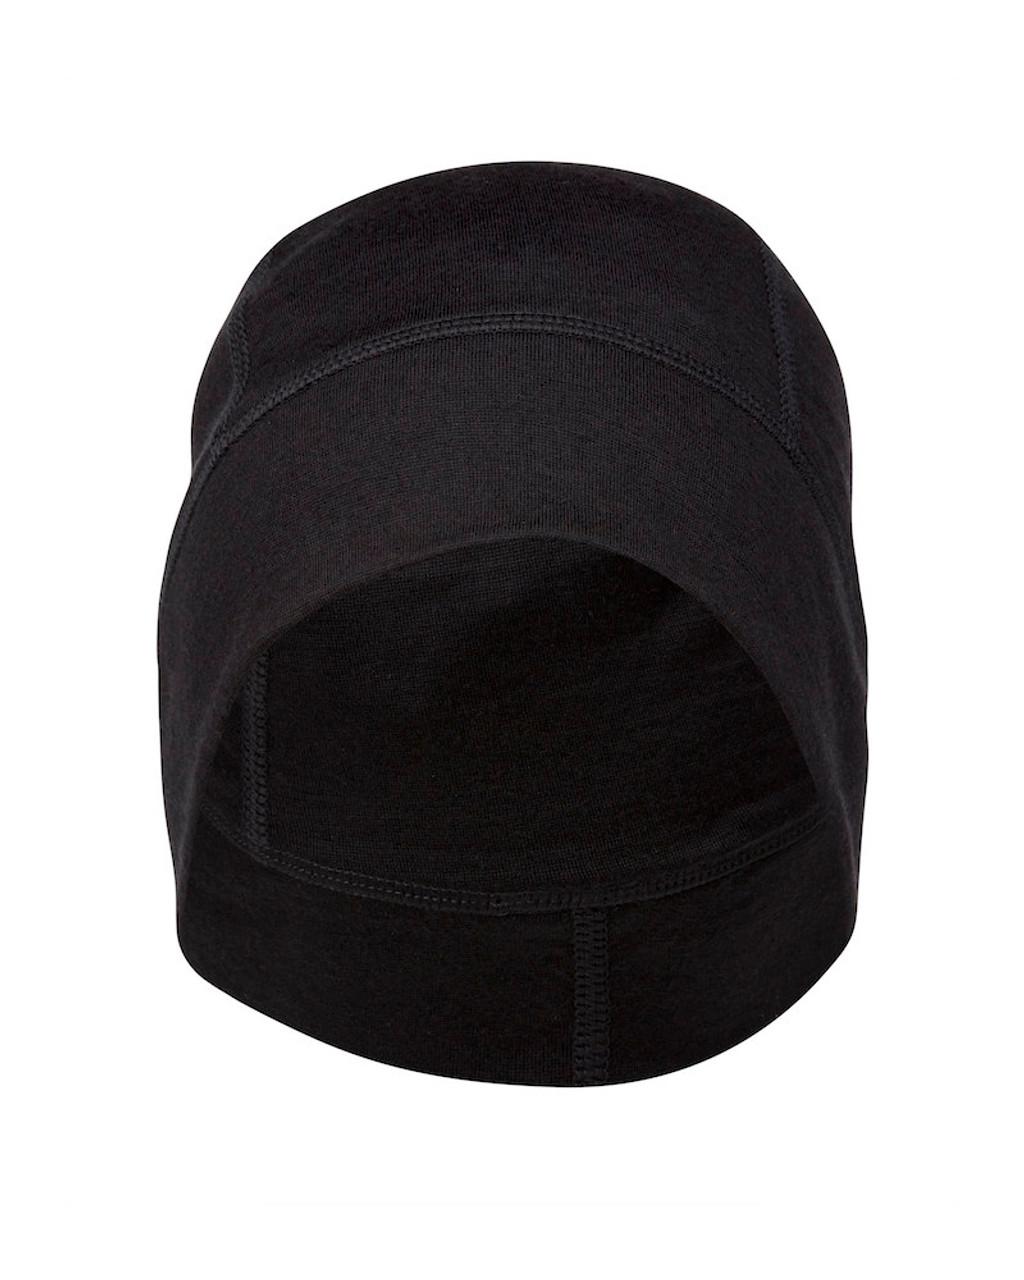 7f00152f0ccd6 Buy Unisex Merino Wool Lightweight Beanie Hat Online - North ...